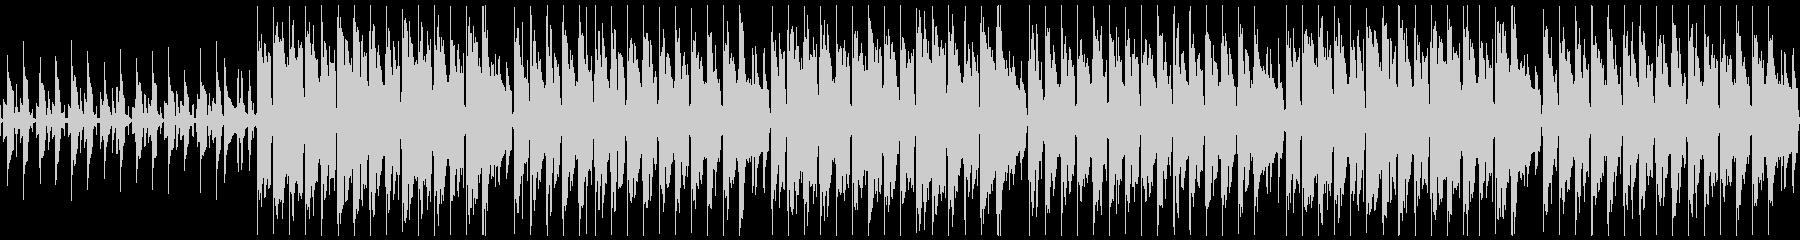 ハッピーなウクレレBGM ループ仕様の未再生の波形